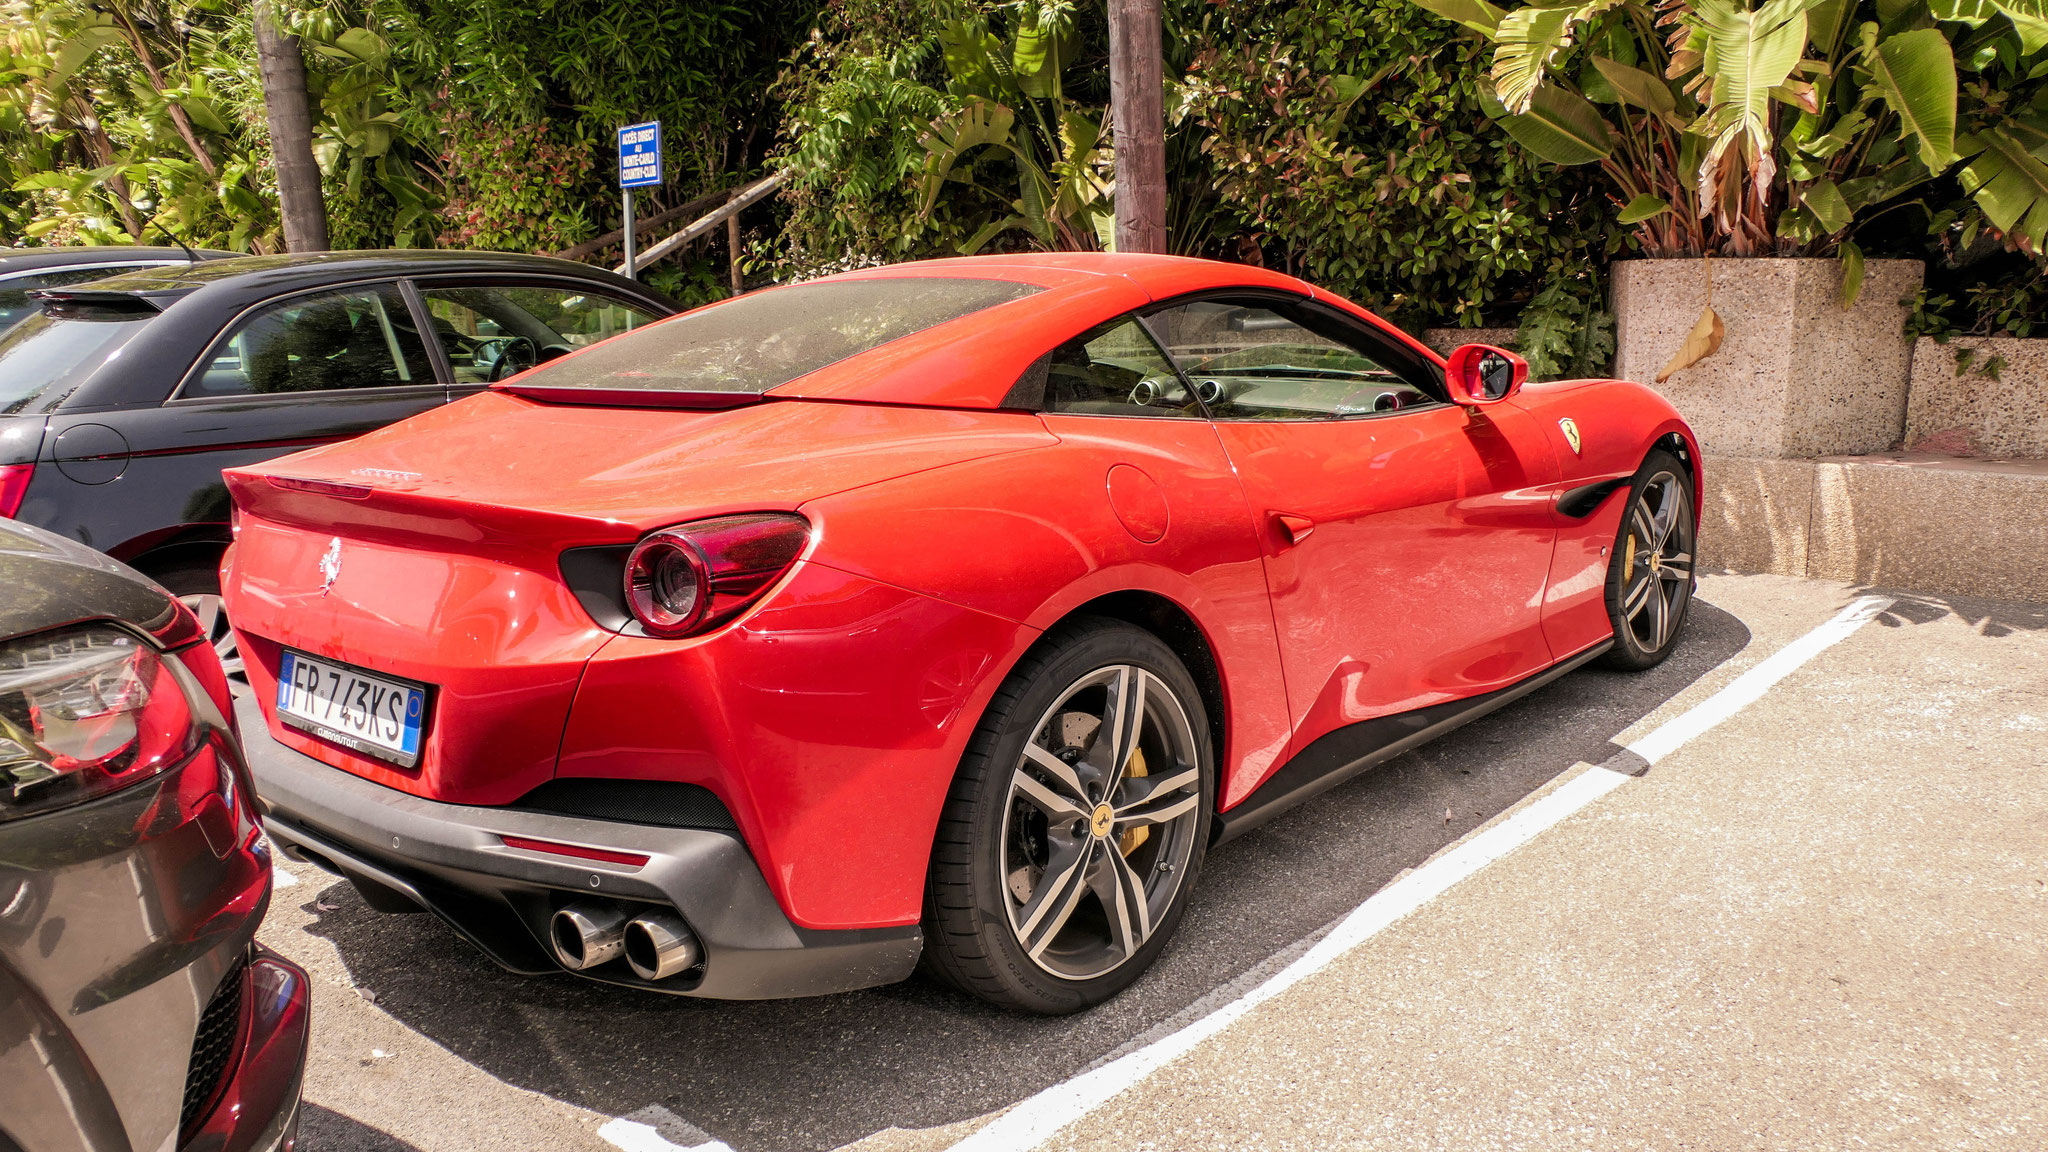 Ferrari Portofino - FR-743-KS (ITA)